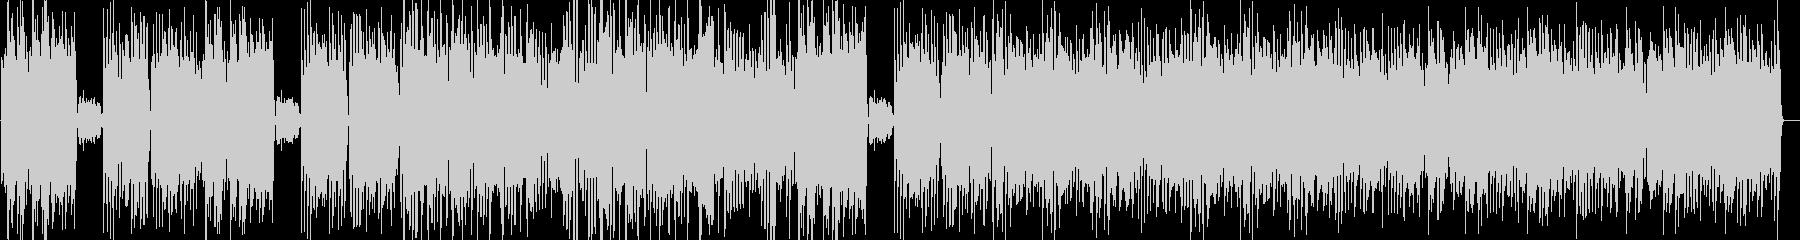 ラグタイム メイプルリーフ・ラグの未再生の波形